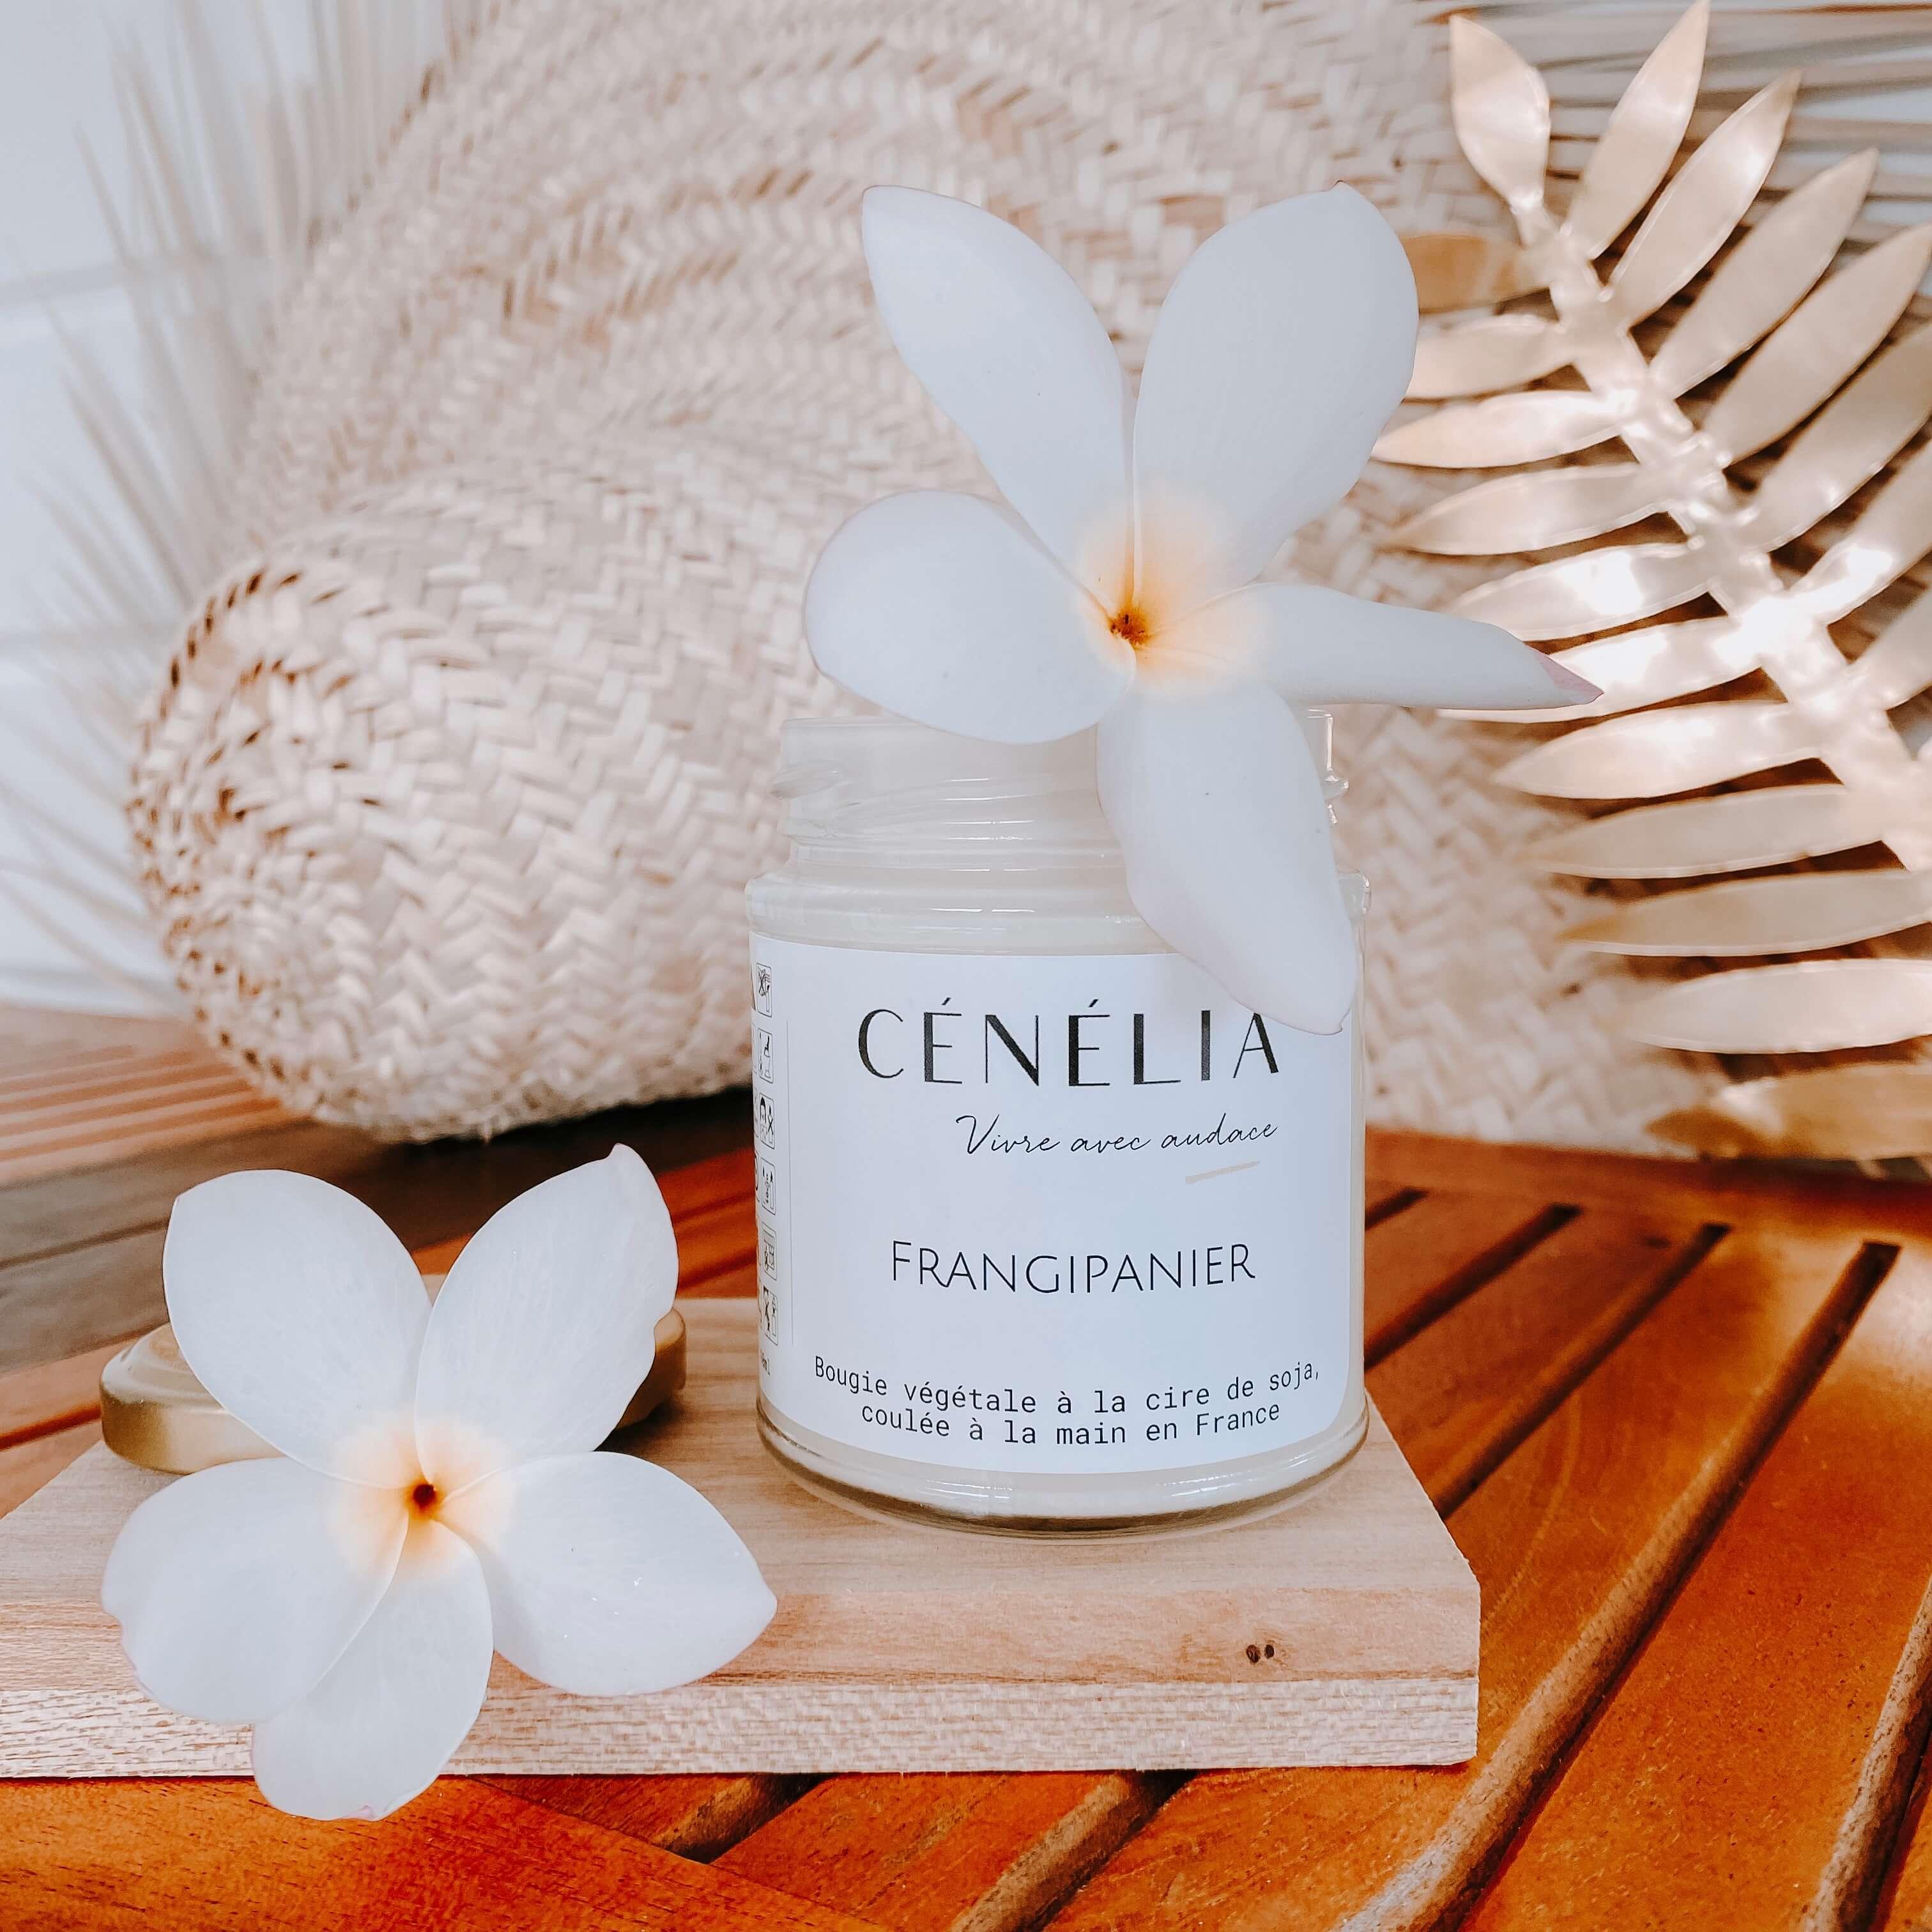 bougie végétale à la fleur de frangipanier - Bougie tropicales - Cénélia